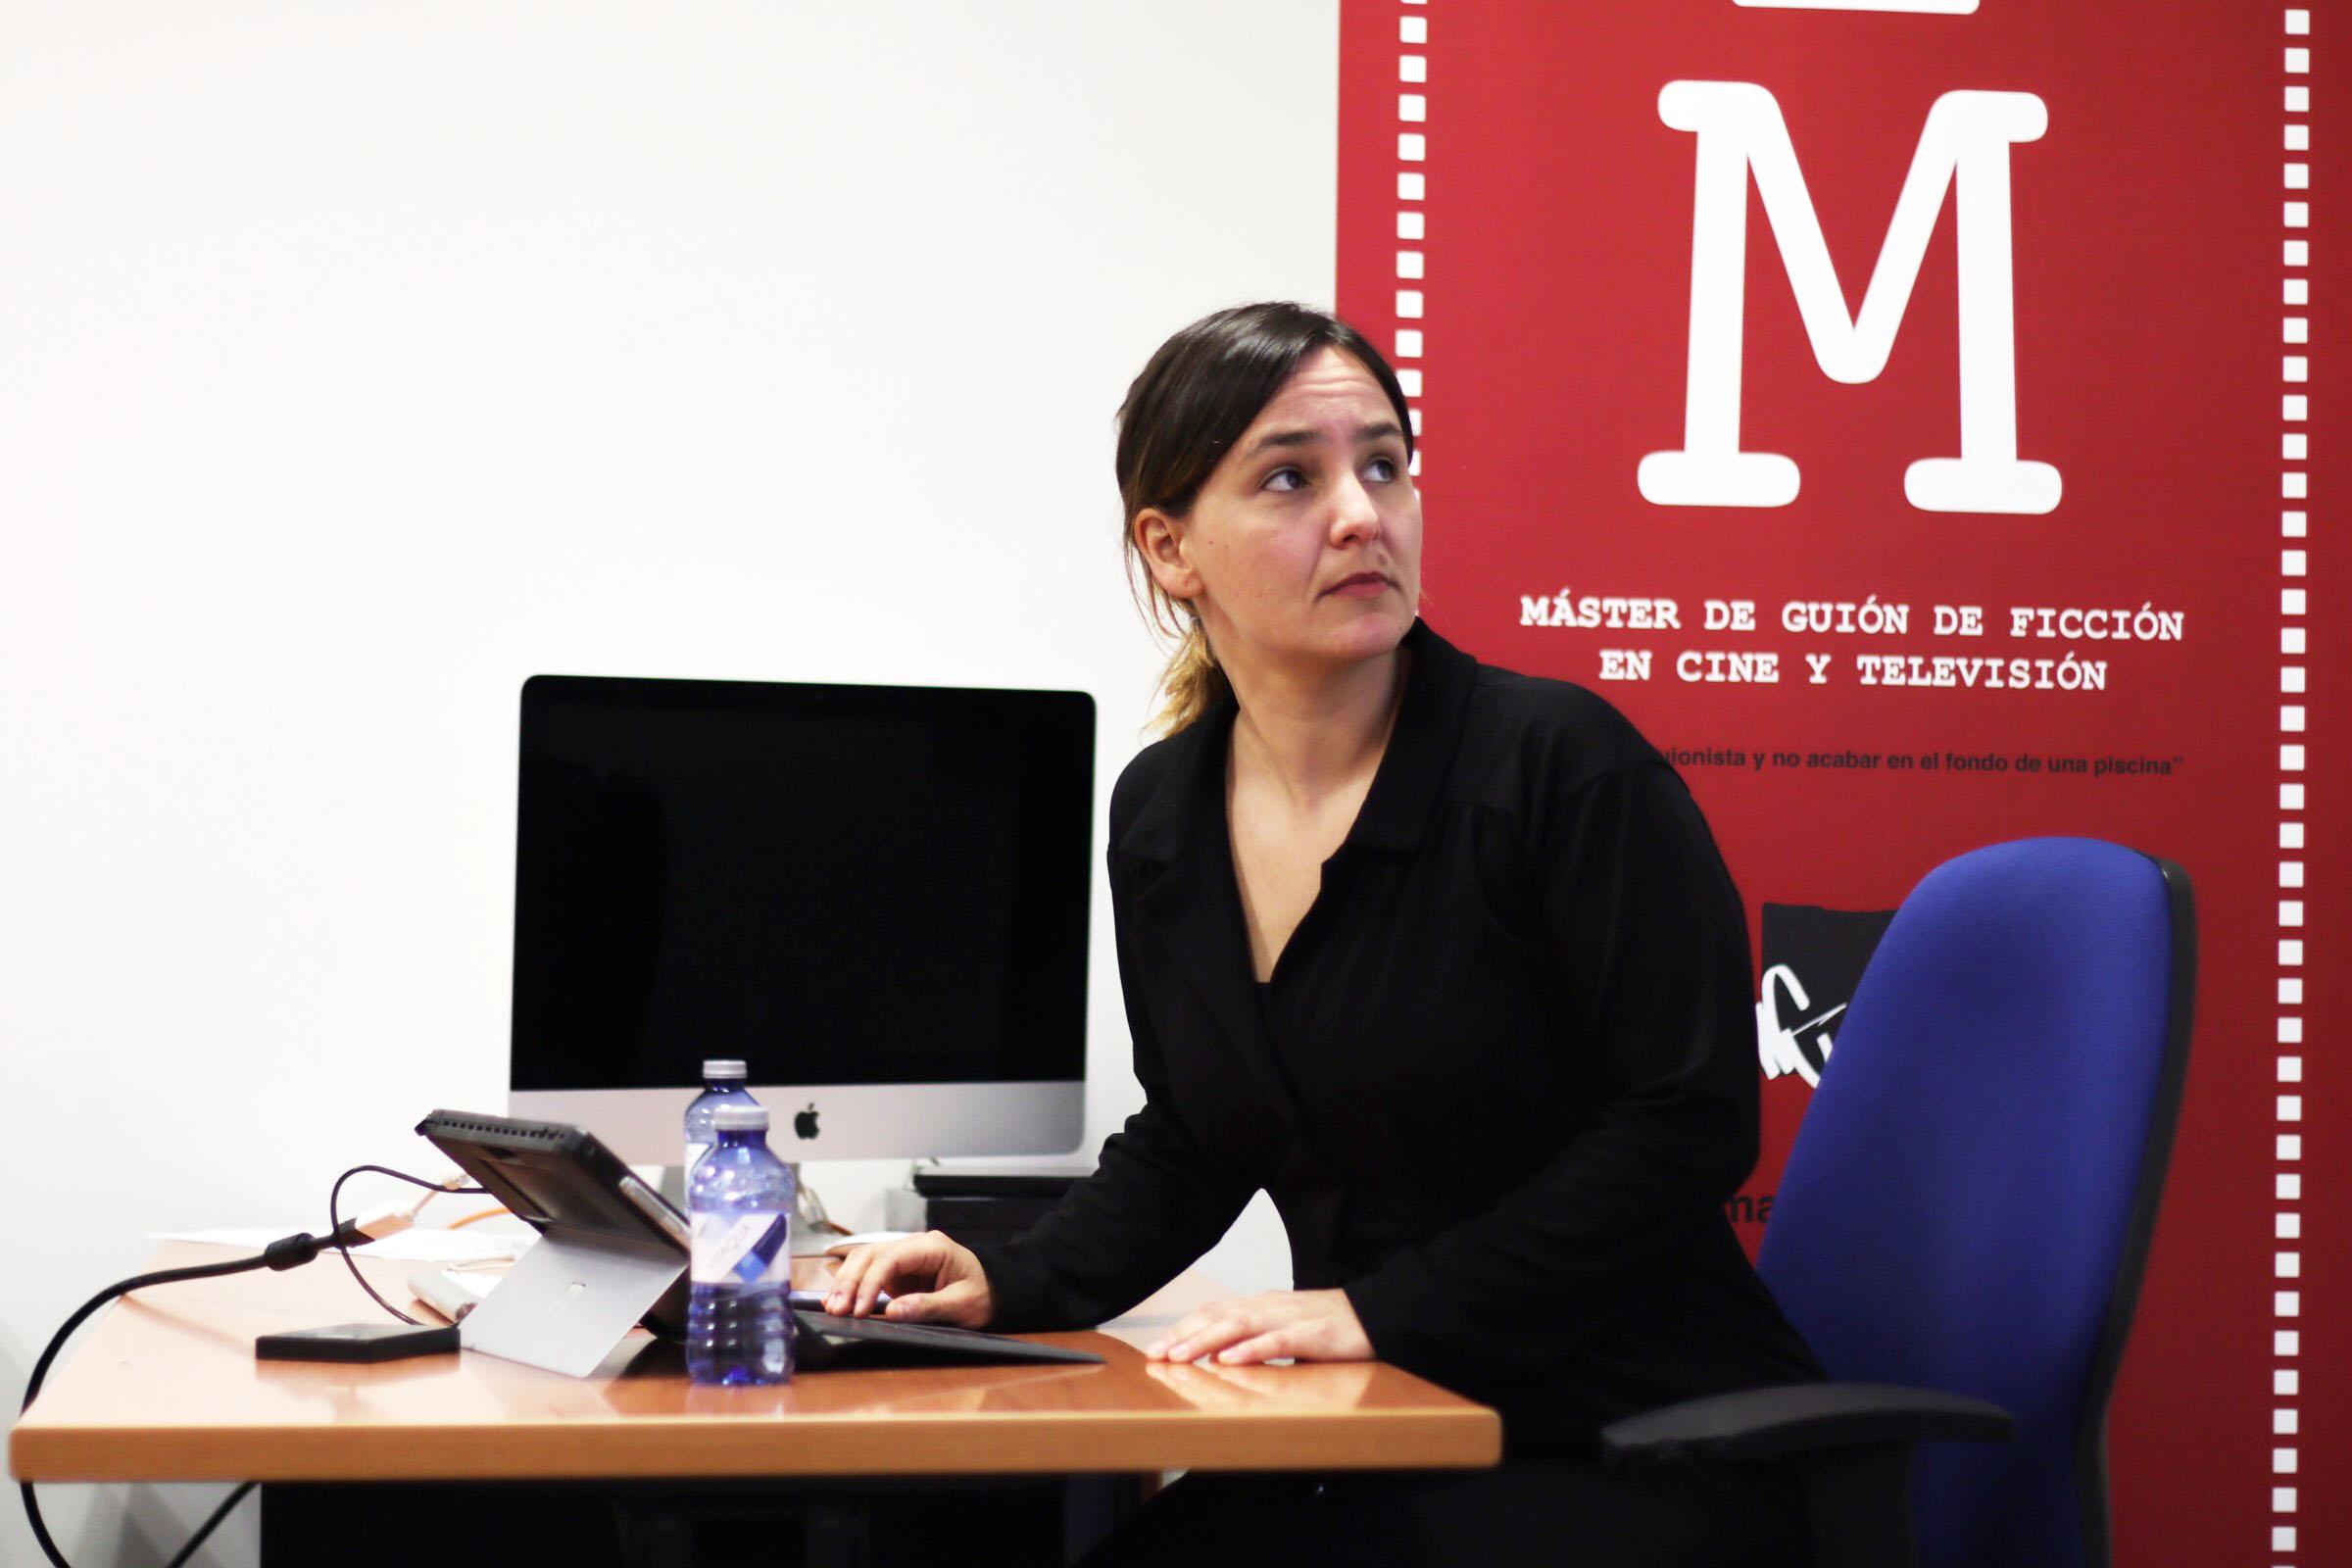 Susana Herreras imparte una clase en el Máster de Guion